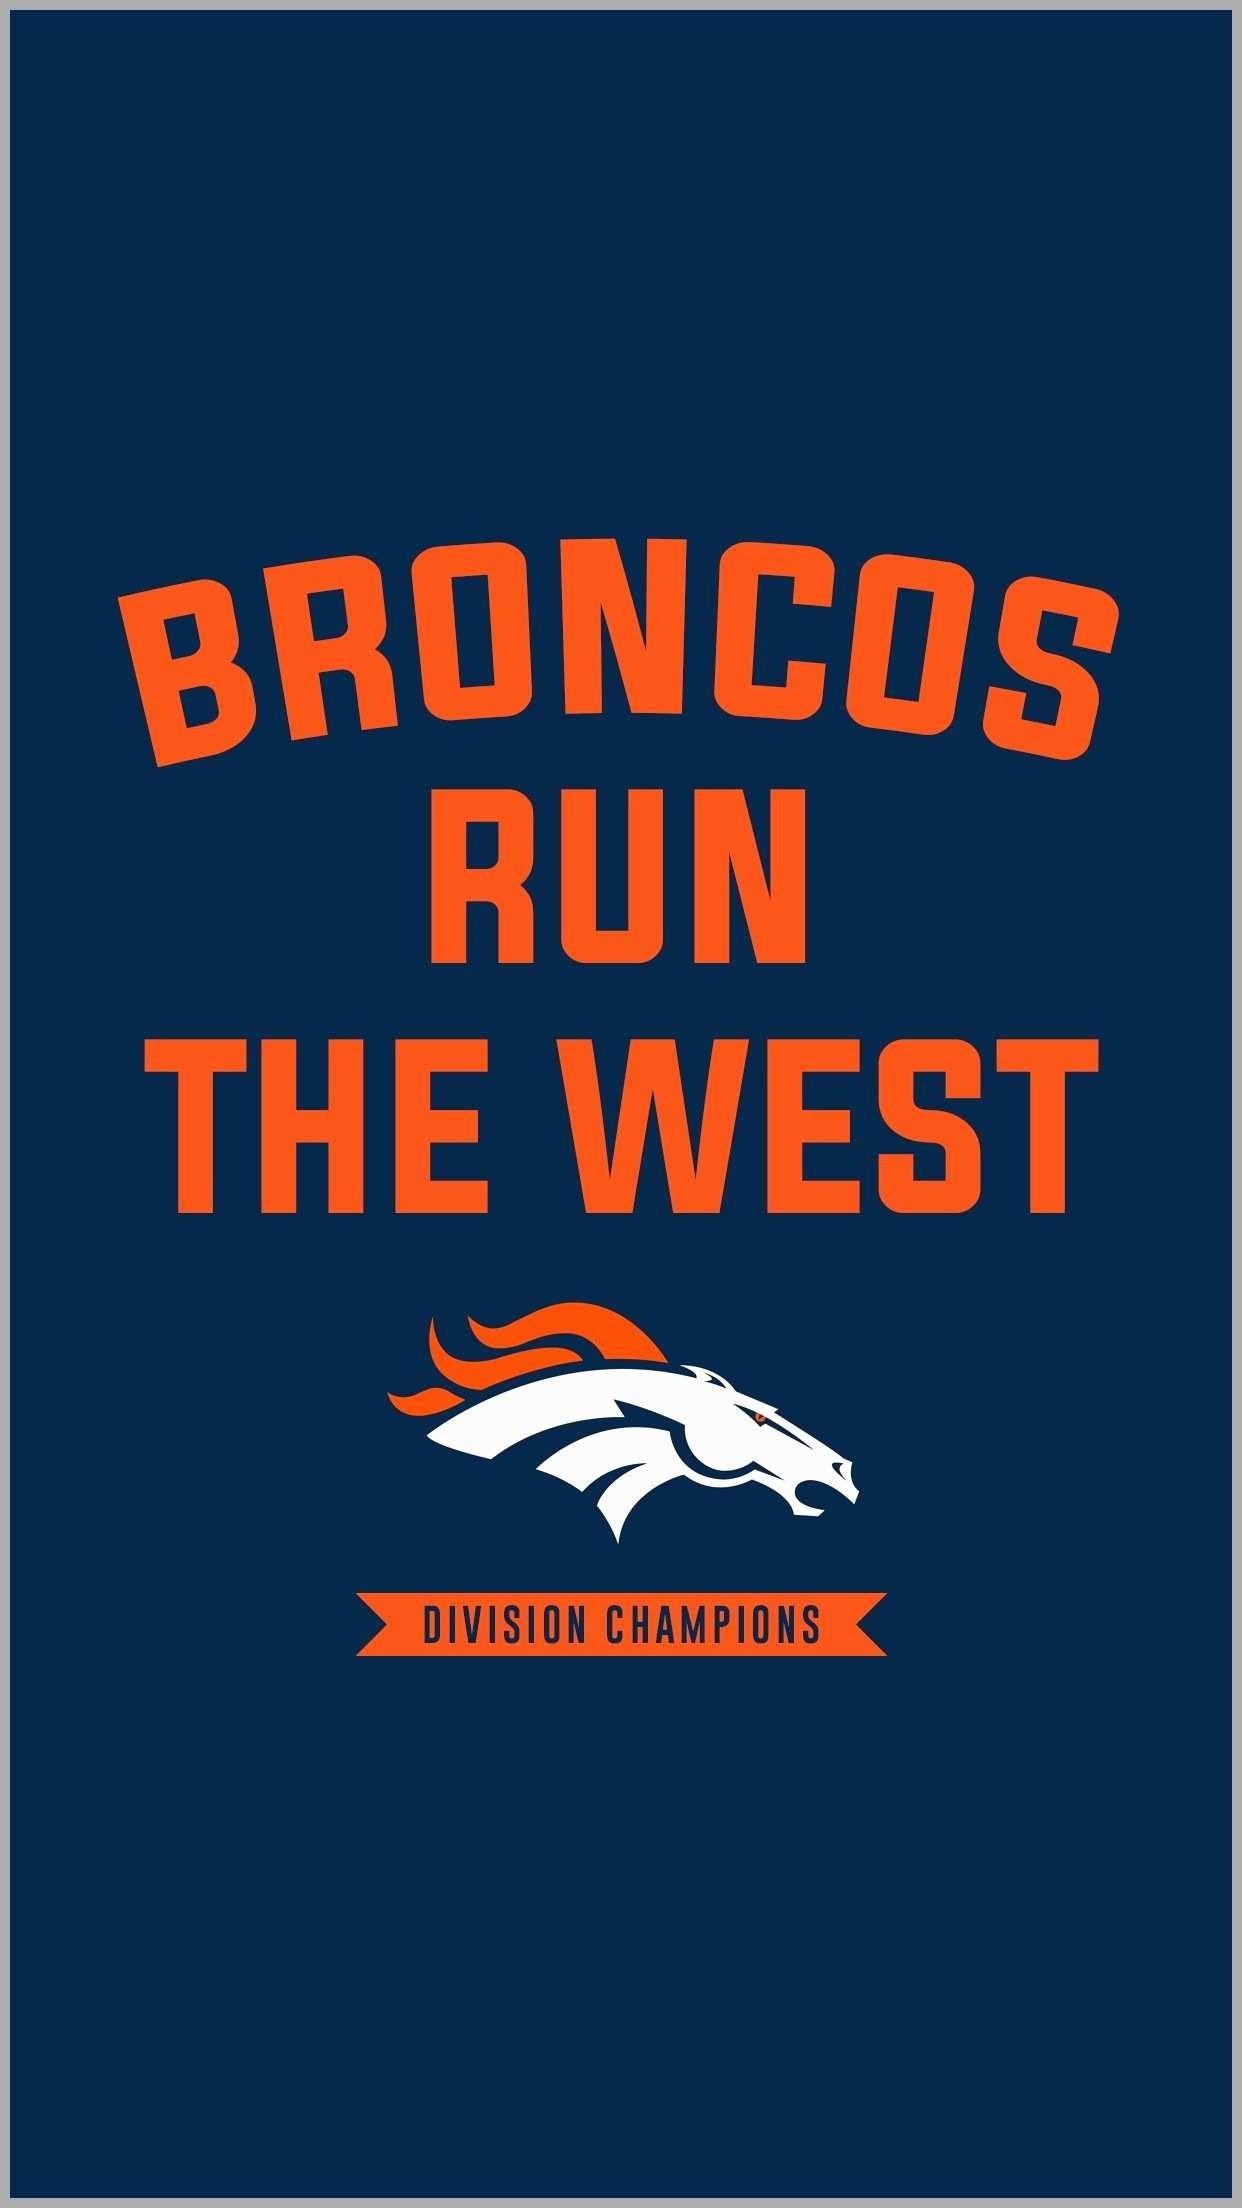 New Broncos Iphone Wallpaper Di 2020